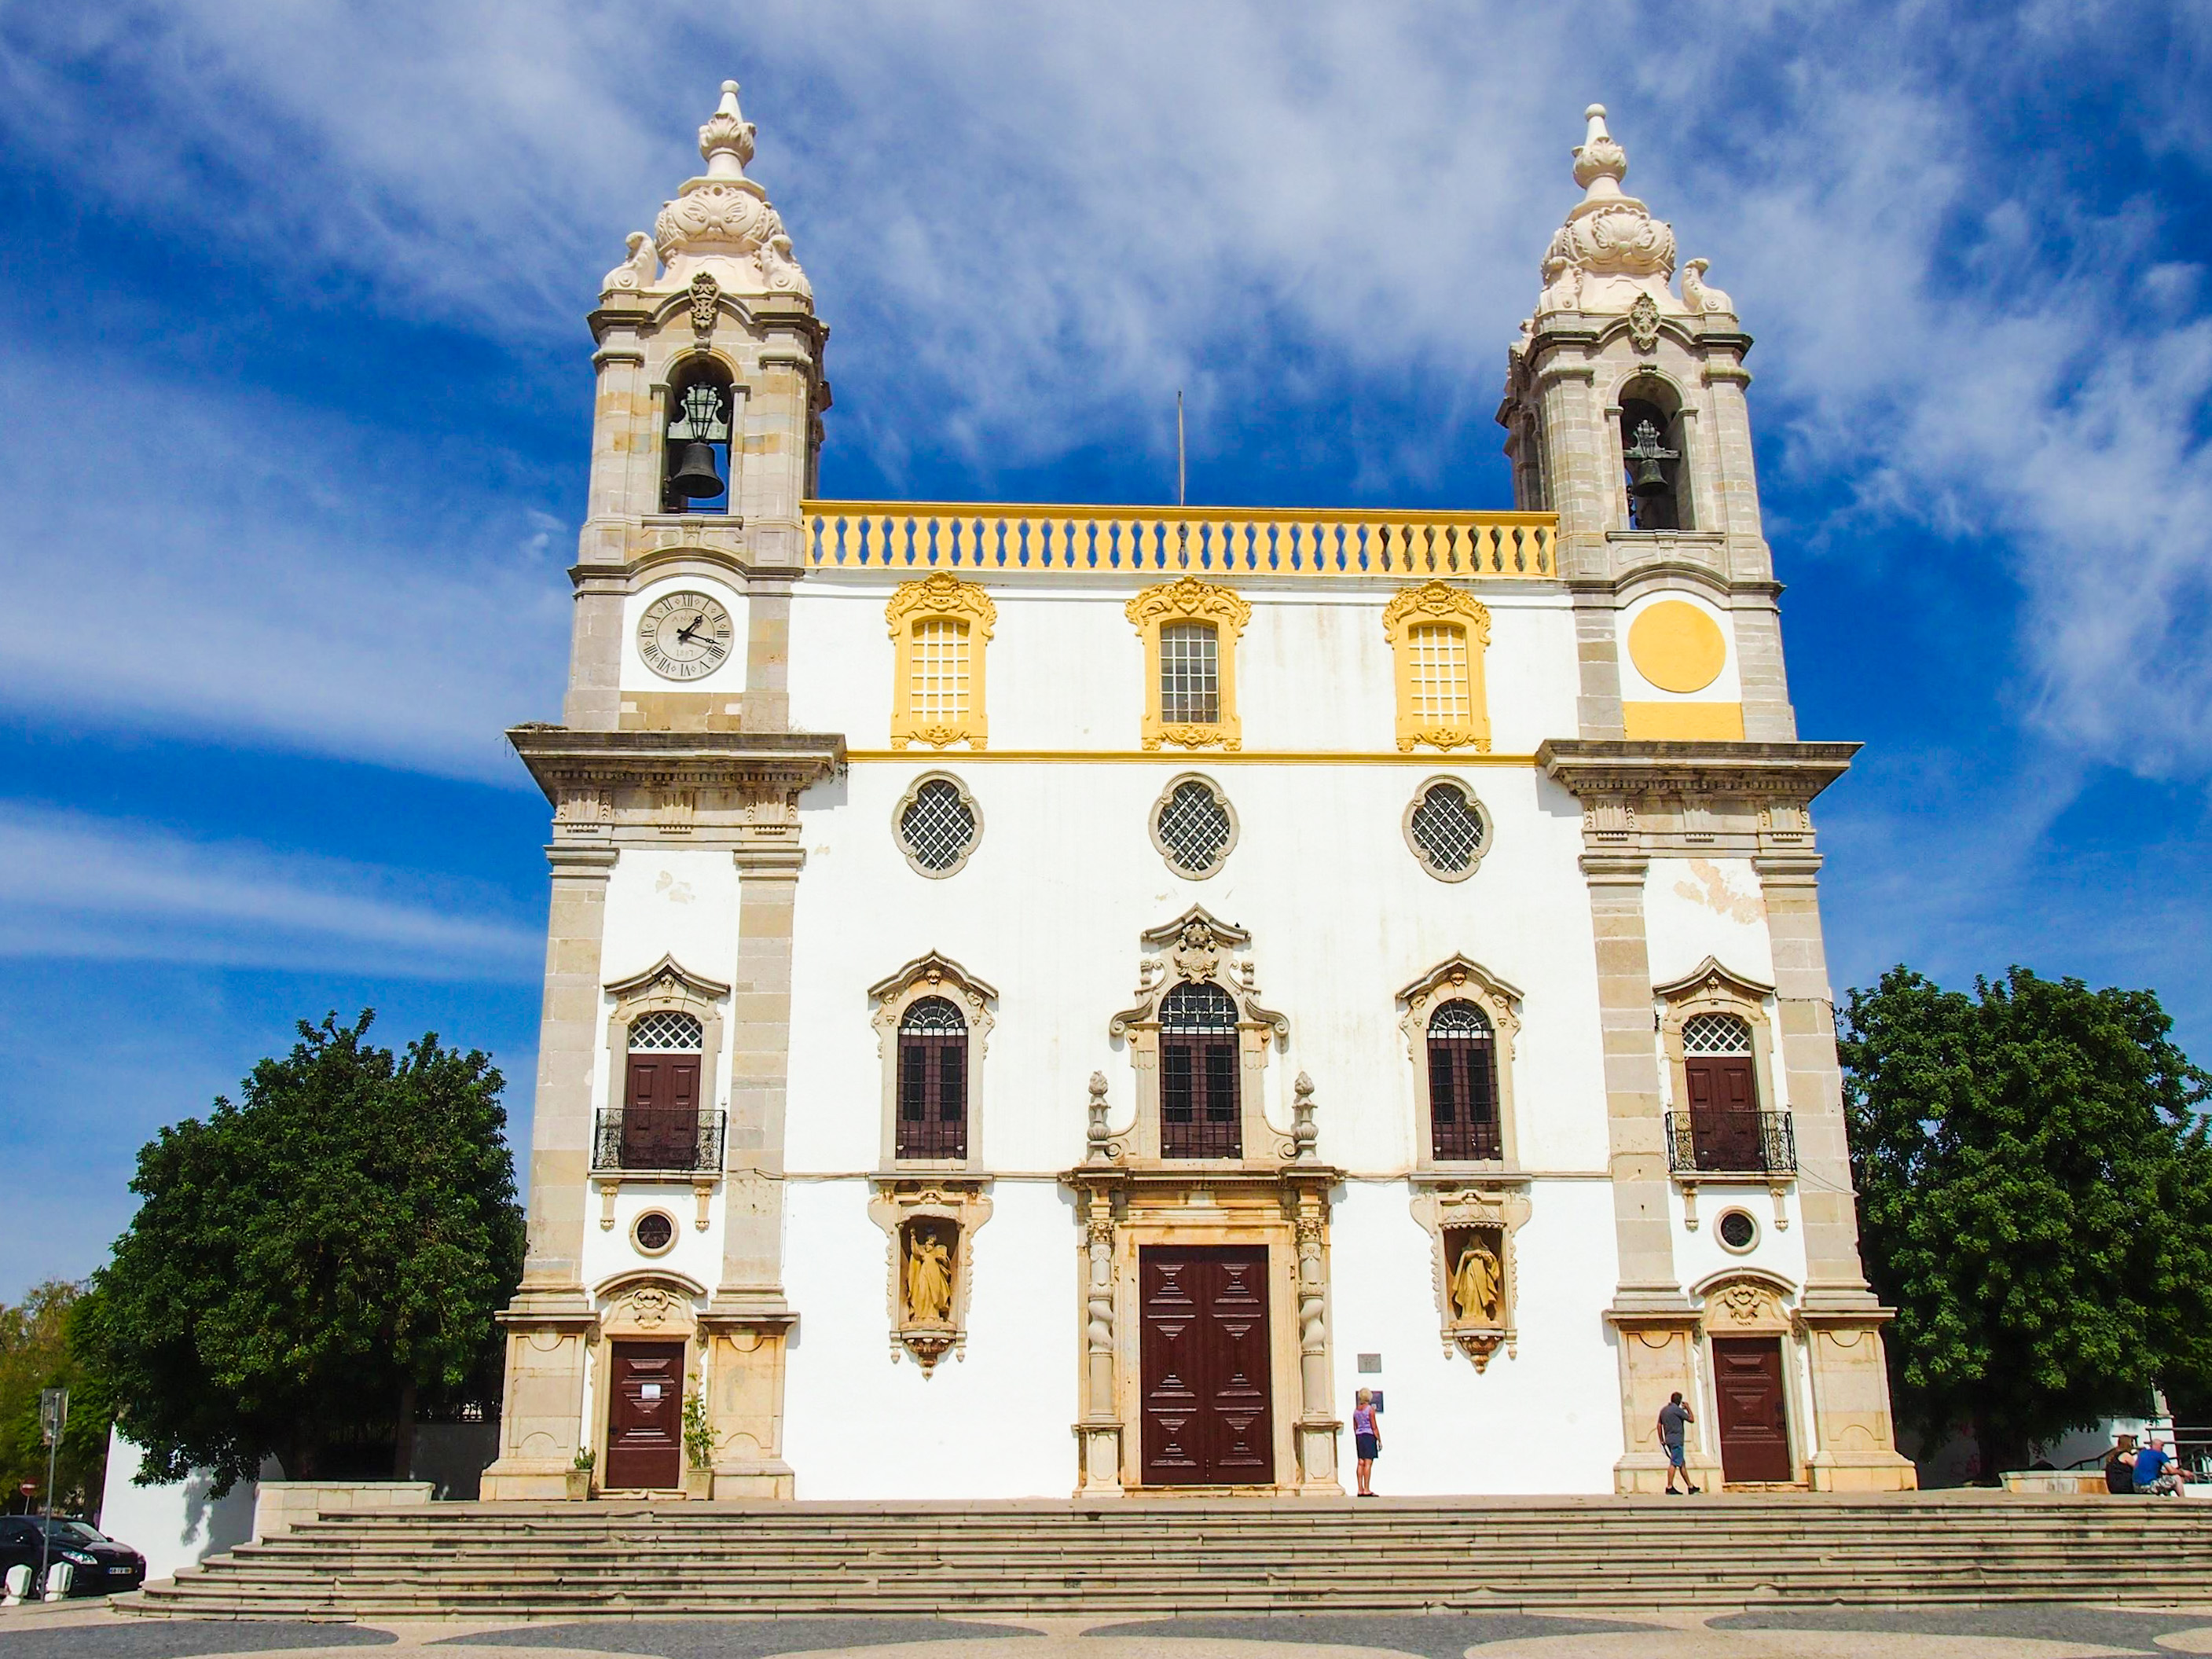 Igreja do Carmo, Faro. Igreja signifie église en portugais.